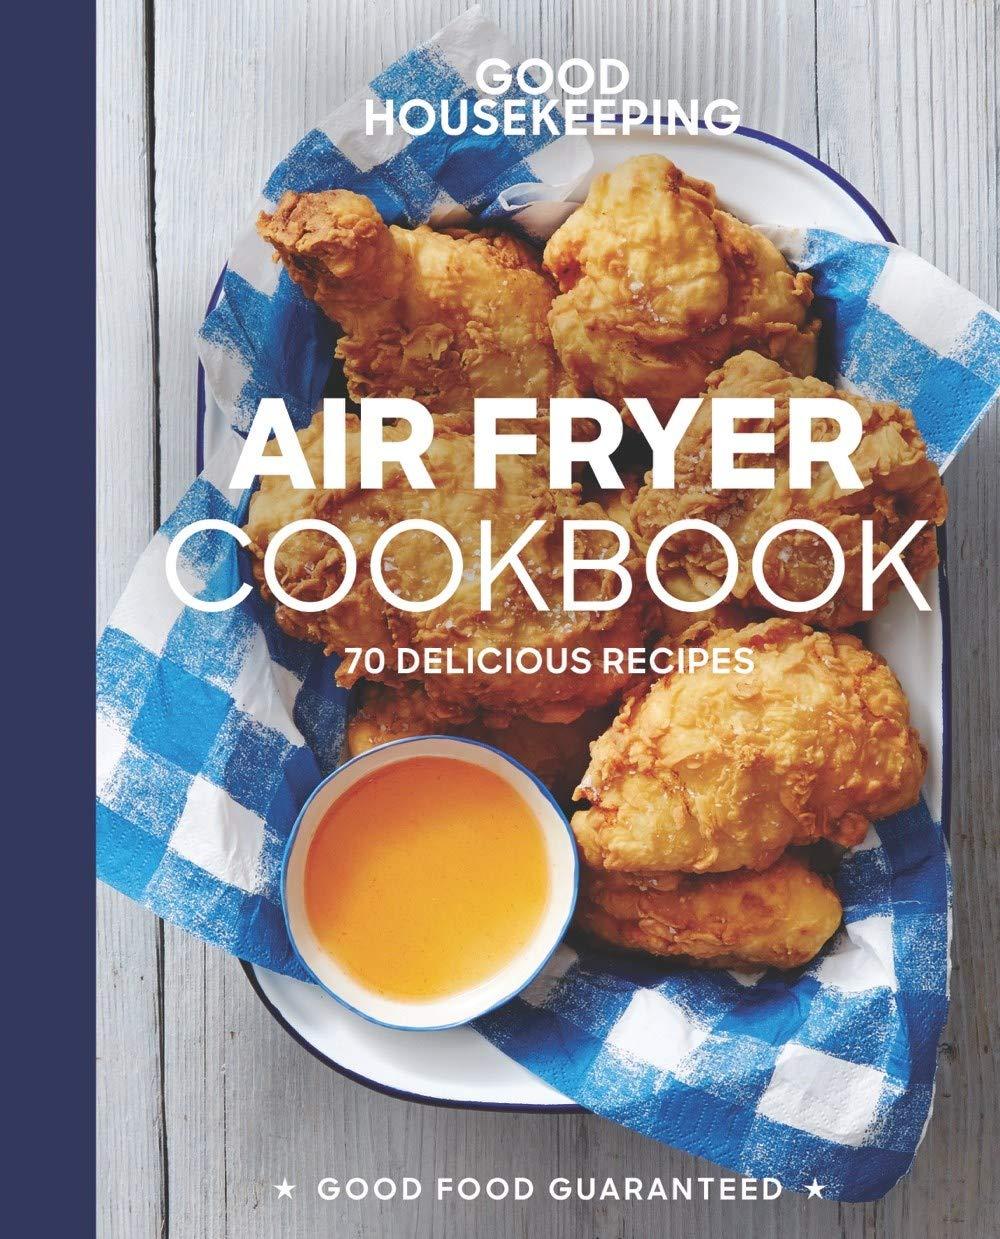 Good Housekeeping Air Fryer Cookbook